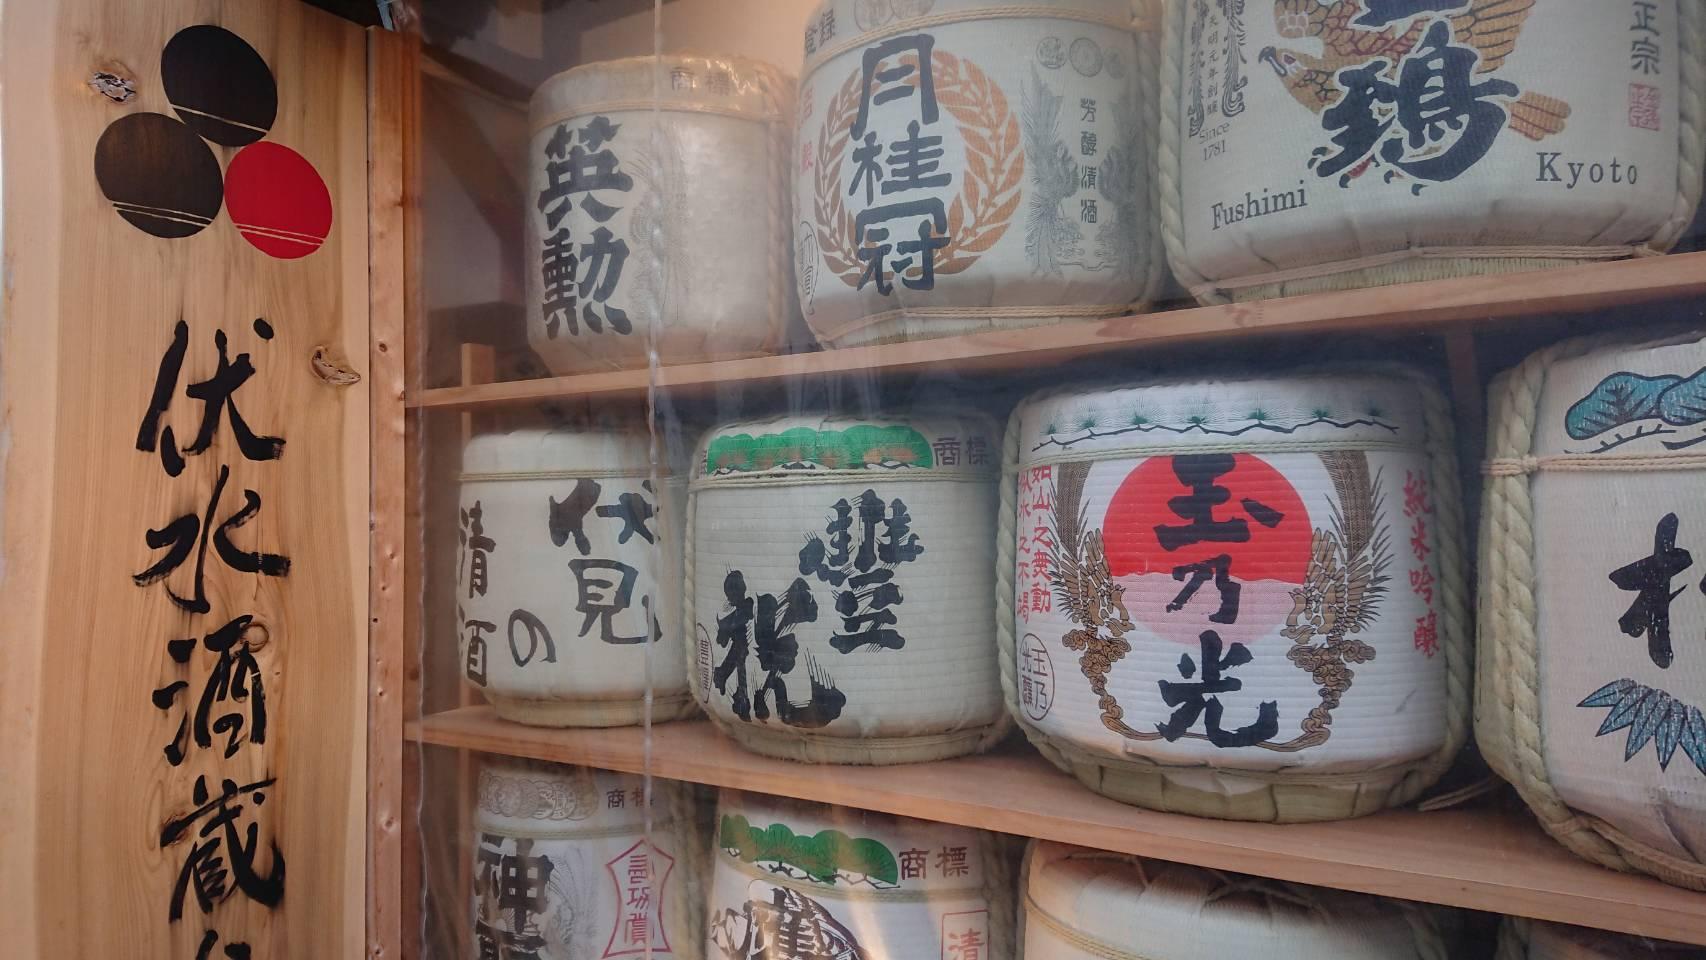 【枚方店】伏水酒造小路 (京都市)